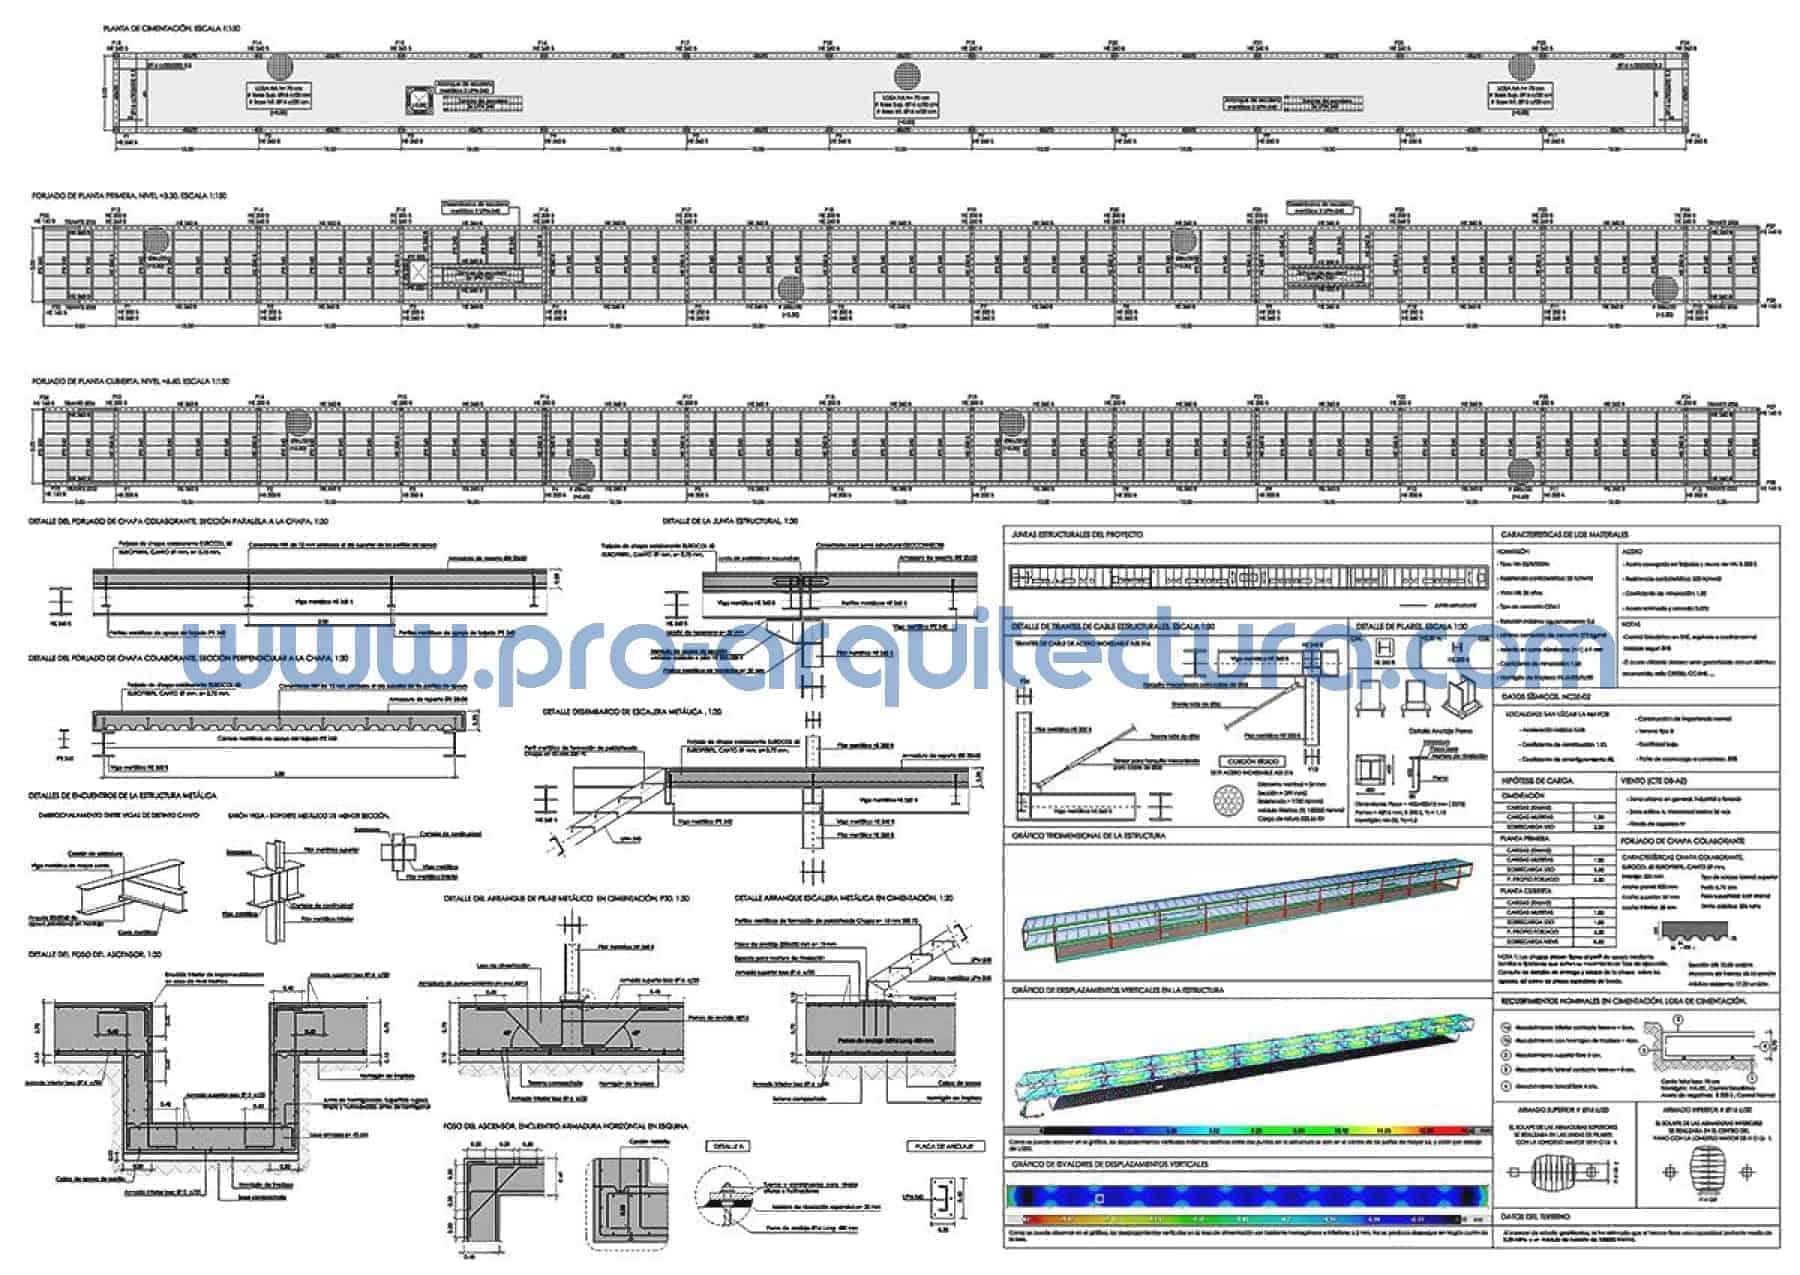 0056-01 Laboratorio farmacéutico - Planos de estructuras - Tu ayuda con el cálculo de la estructura del pfc pfg tfg tfm de arquitectura